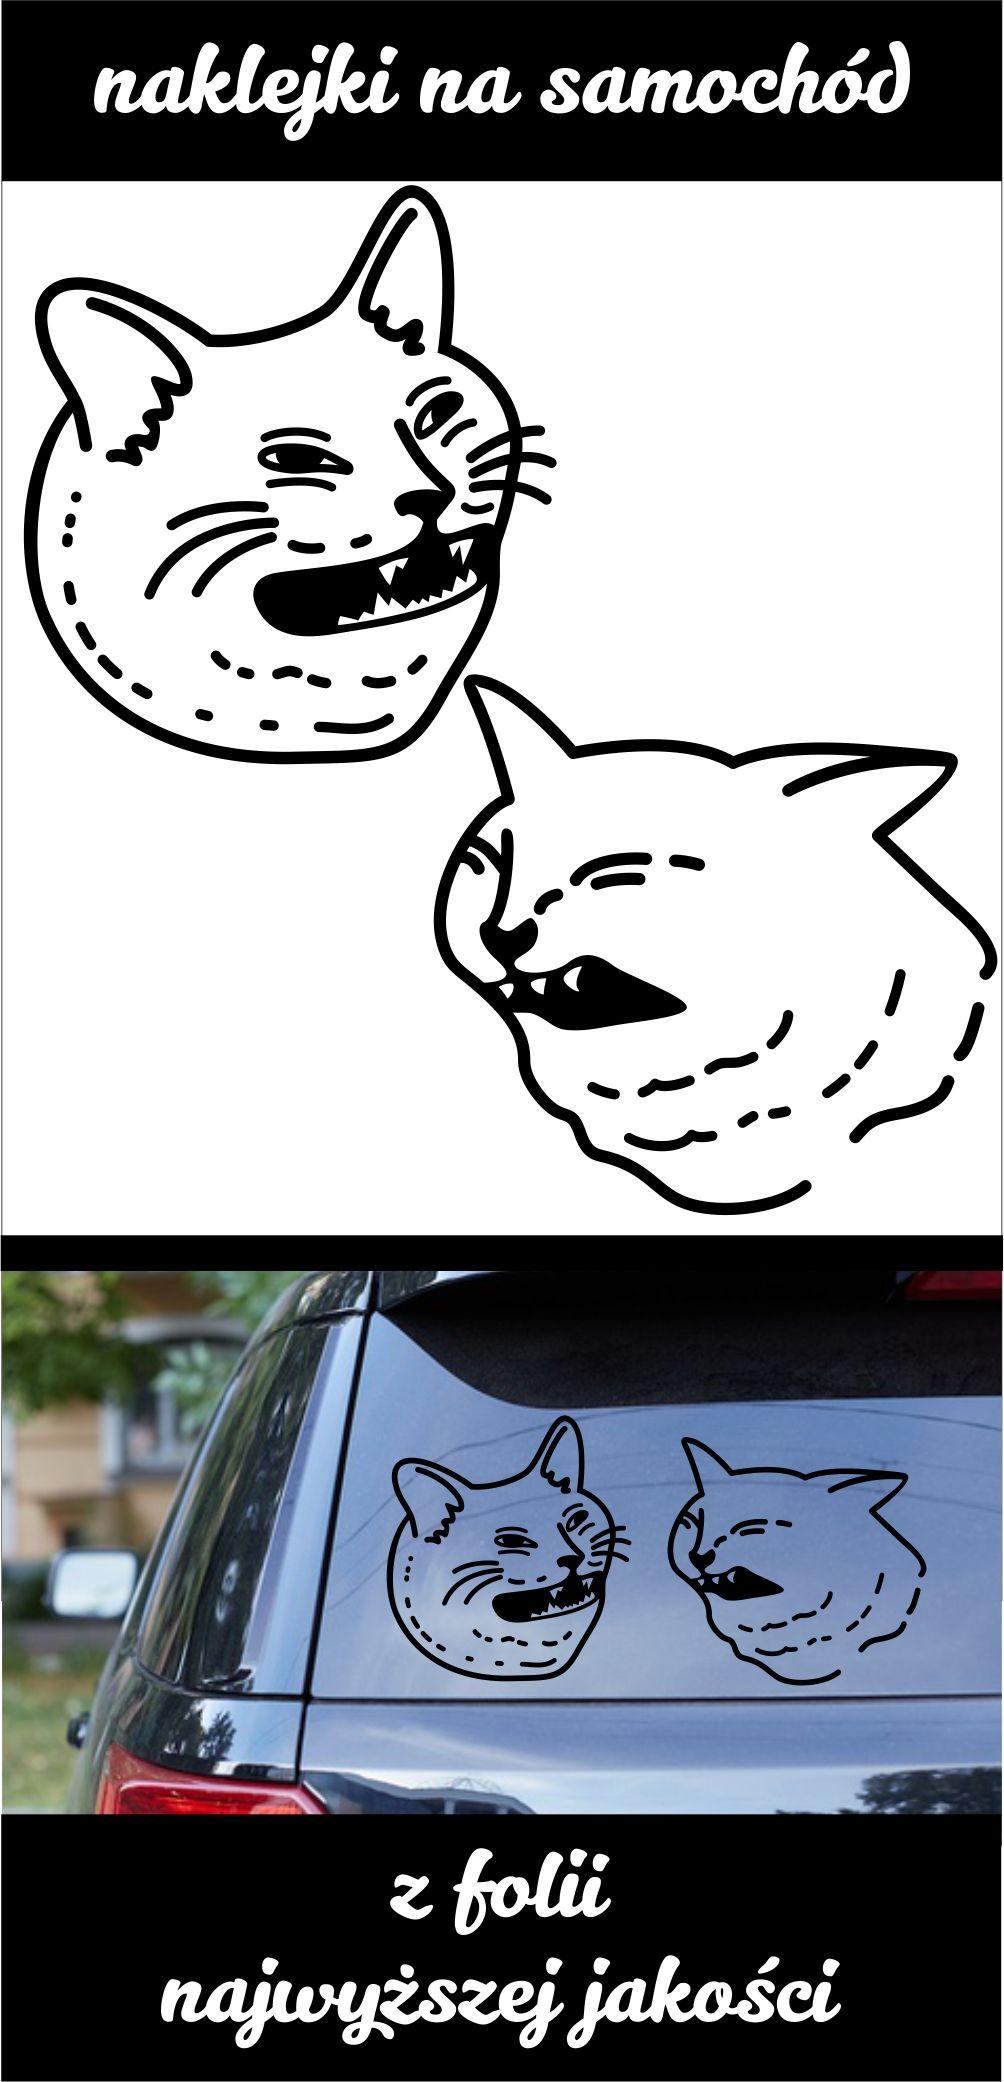 Naklejki Naklejka Na Samochod Tuningowe Smieszne Koty Memy 18 Cm Naklejka Na Auto Allegro In 2021 Character Fictional Characters Snoopy